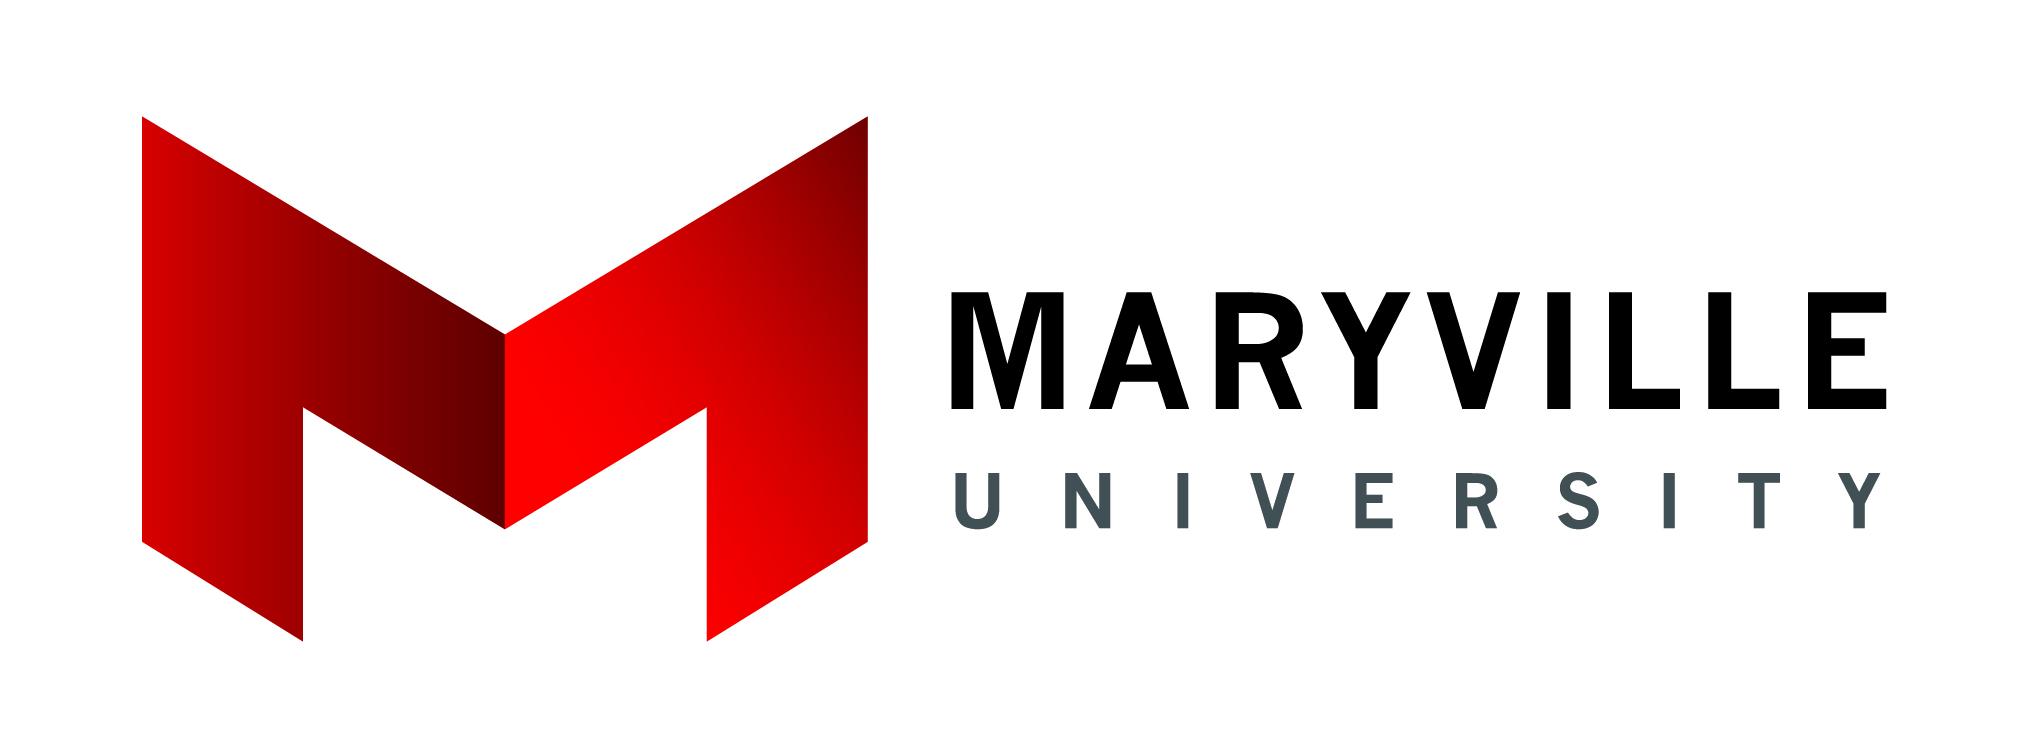 maryville-logo.jpg